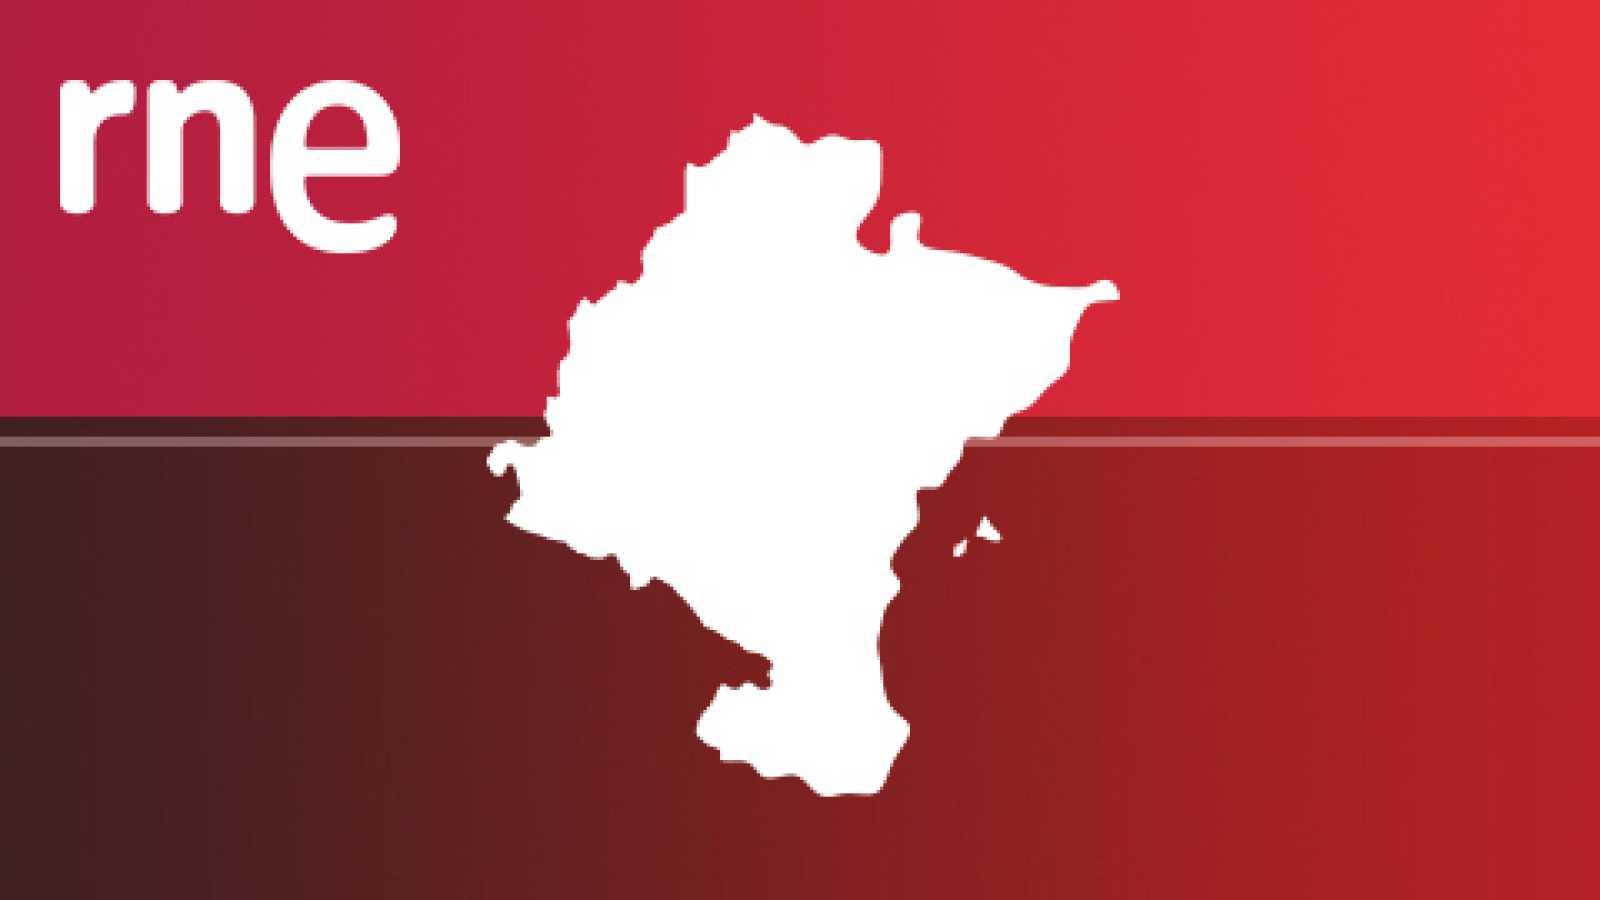 Informativo Navarra - Conmoción en Aoiz por el cierre de Gamesa - 02/07/20 - Escuchar ahora